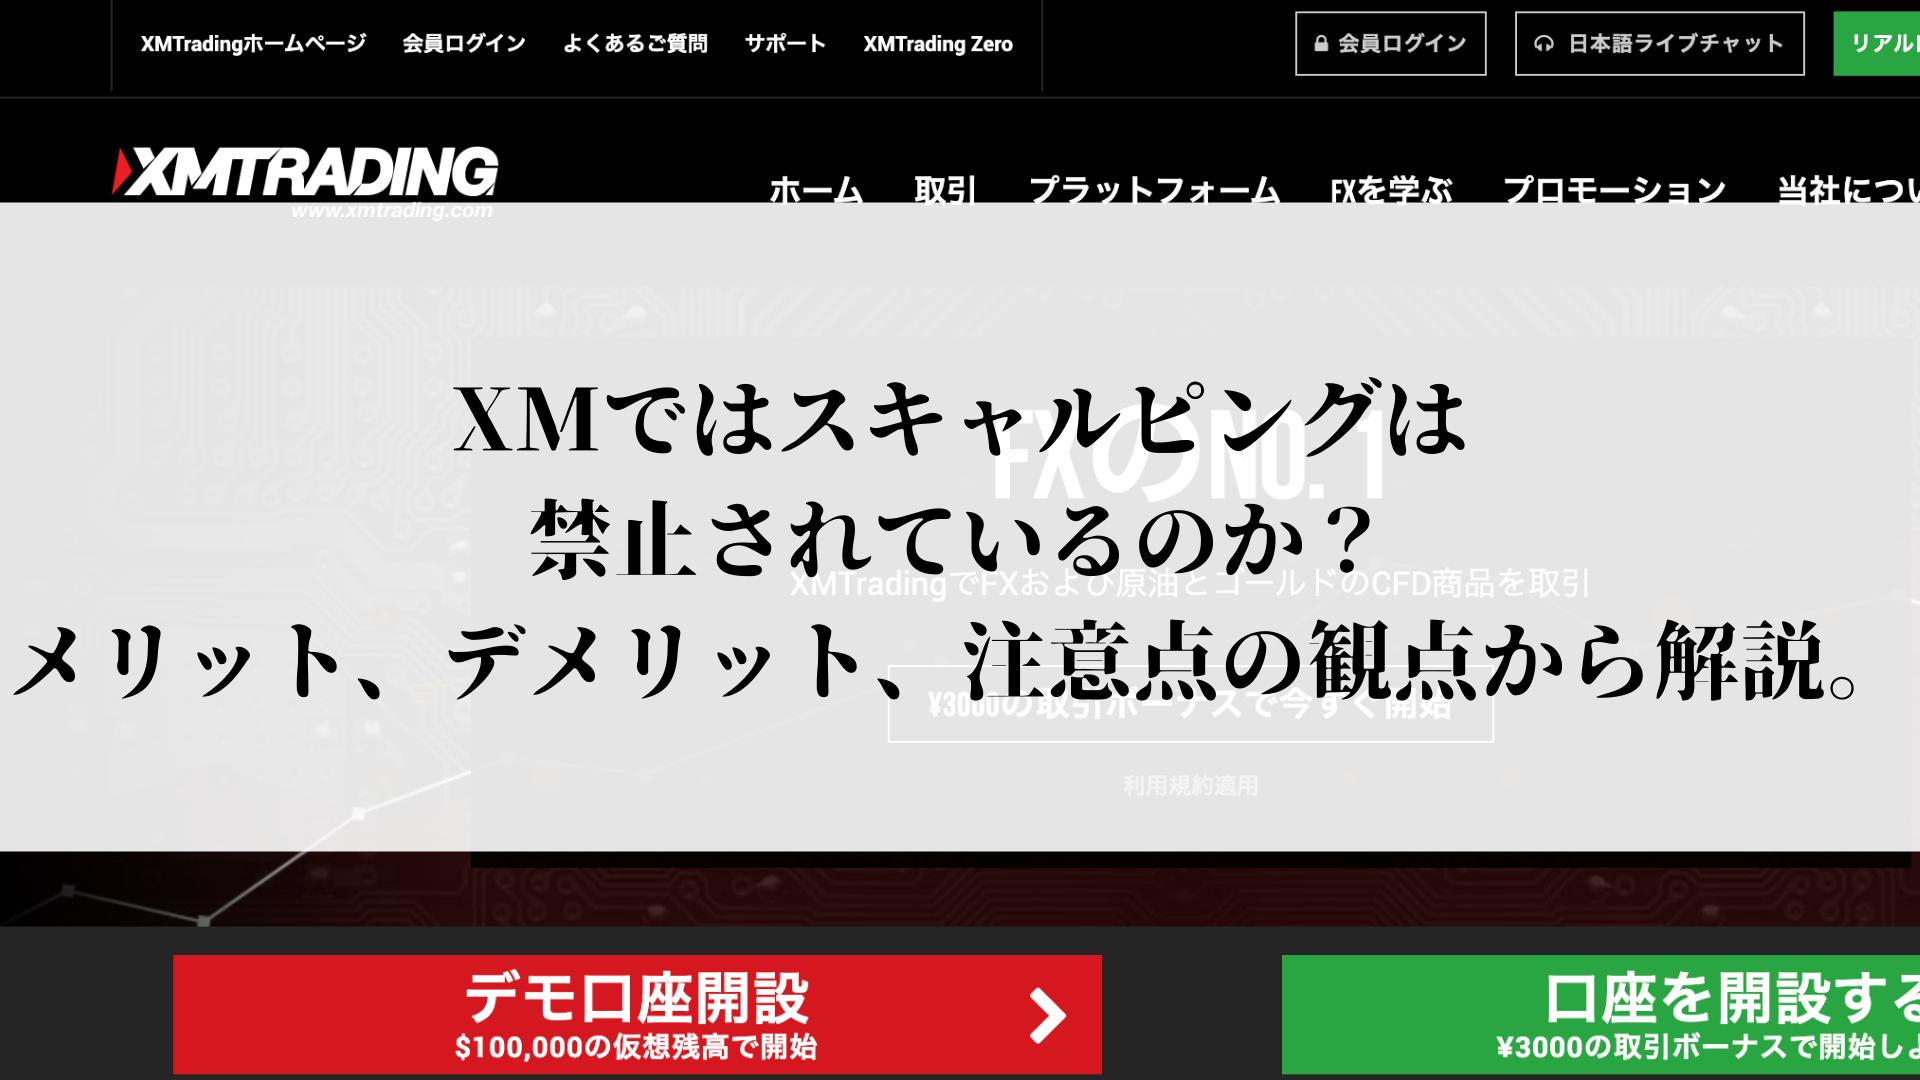 XMではスキャルピングは禁止されているのか?